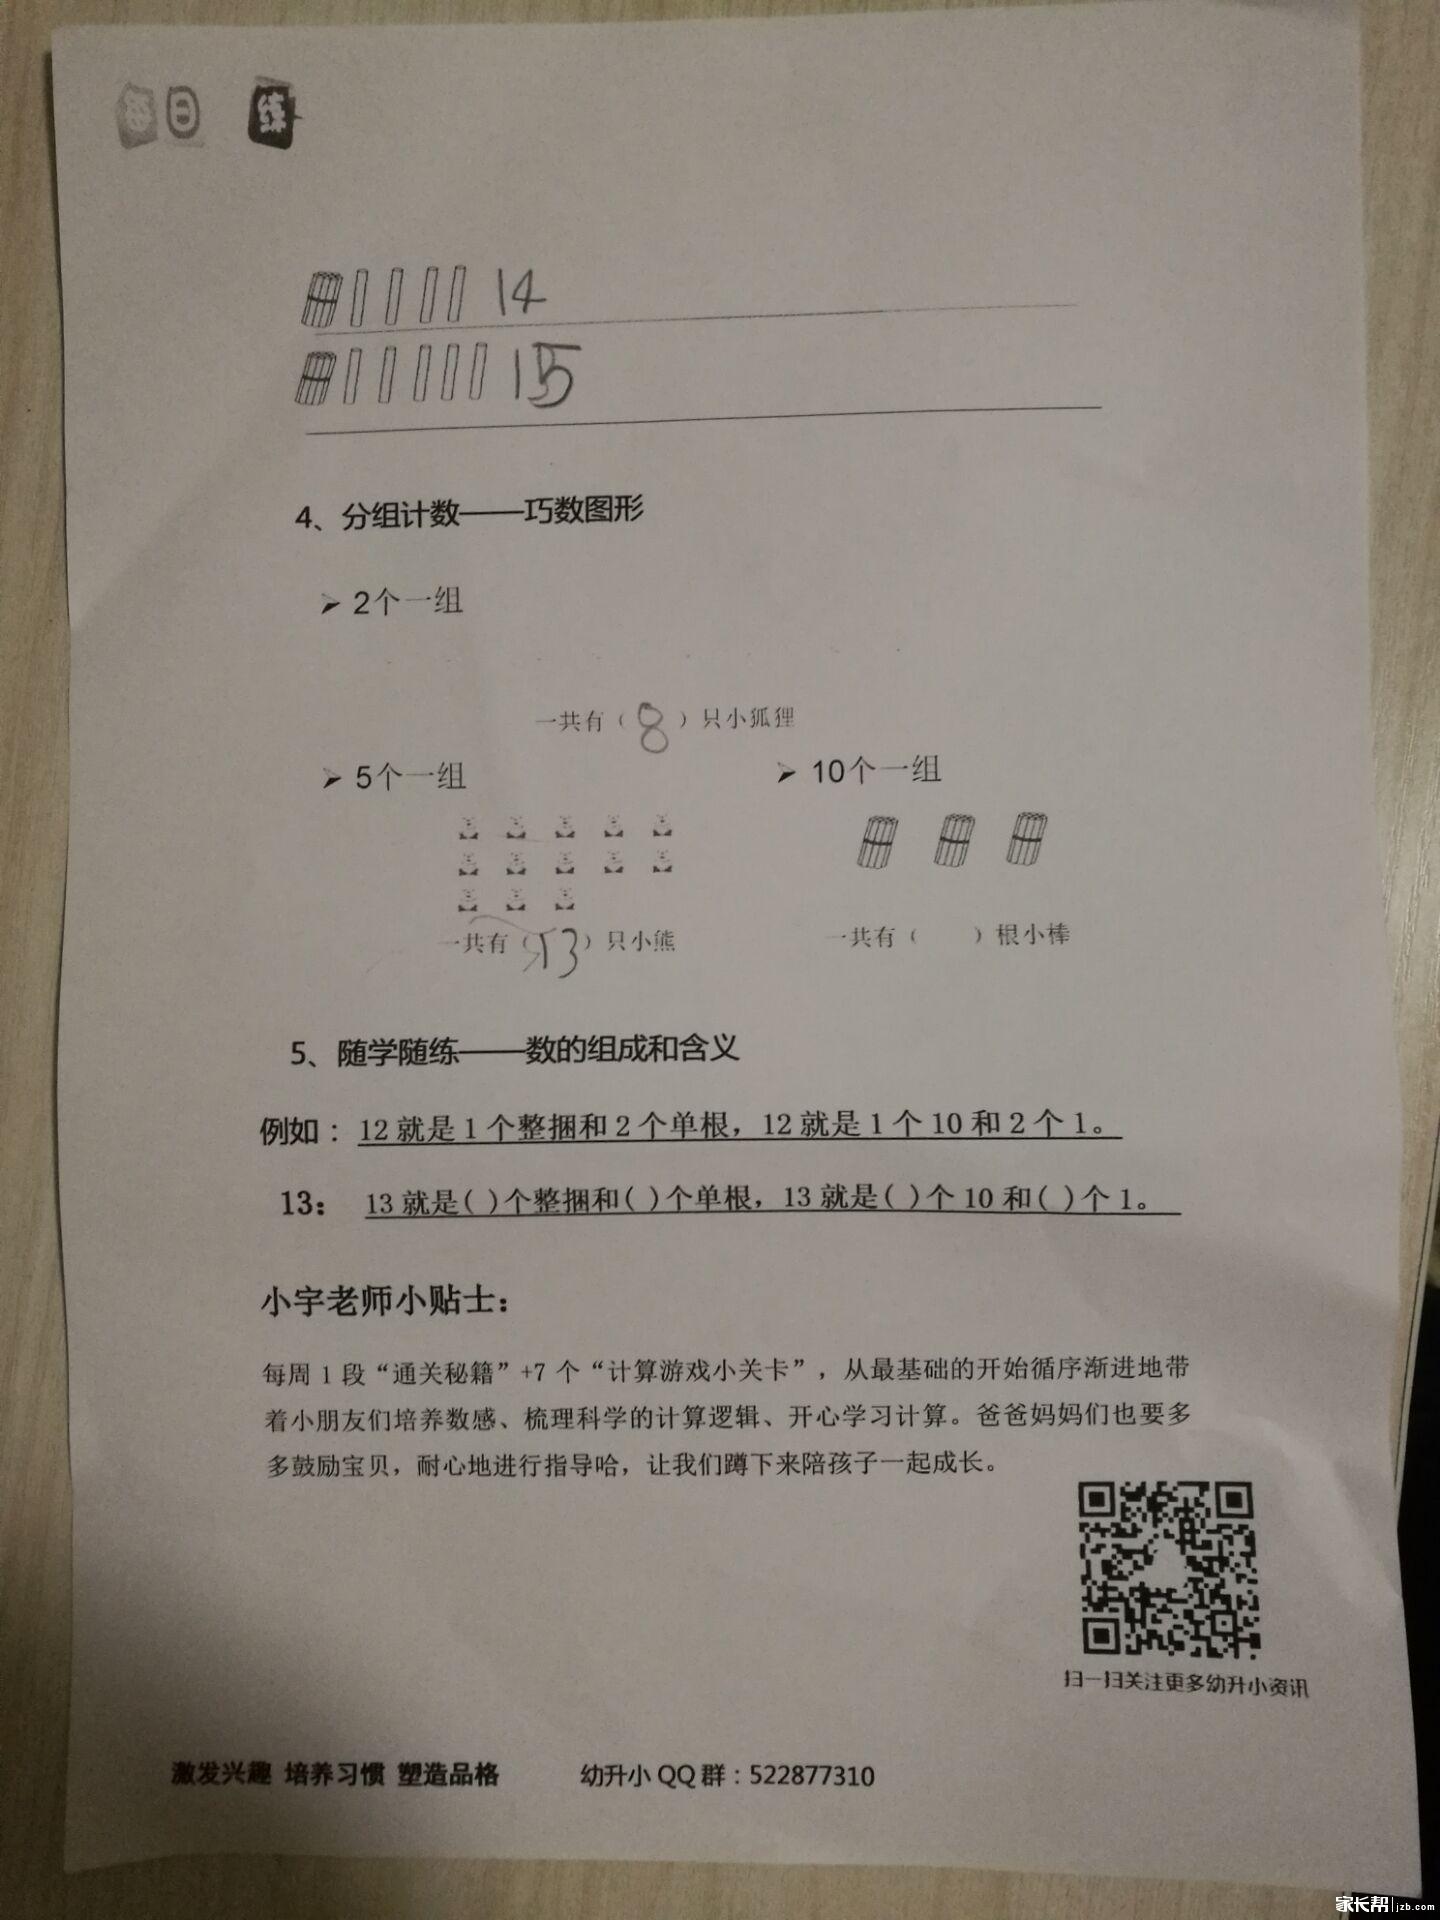 QQ图片20170418203453.jpg